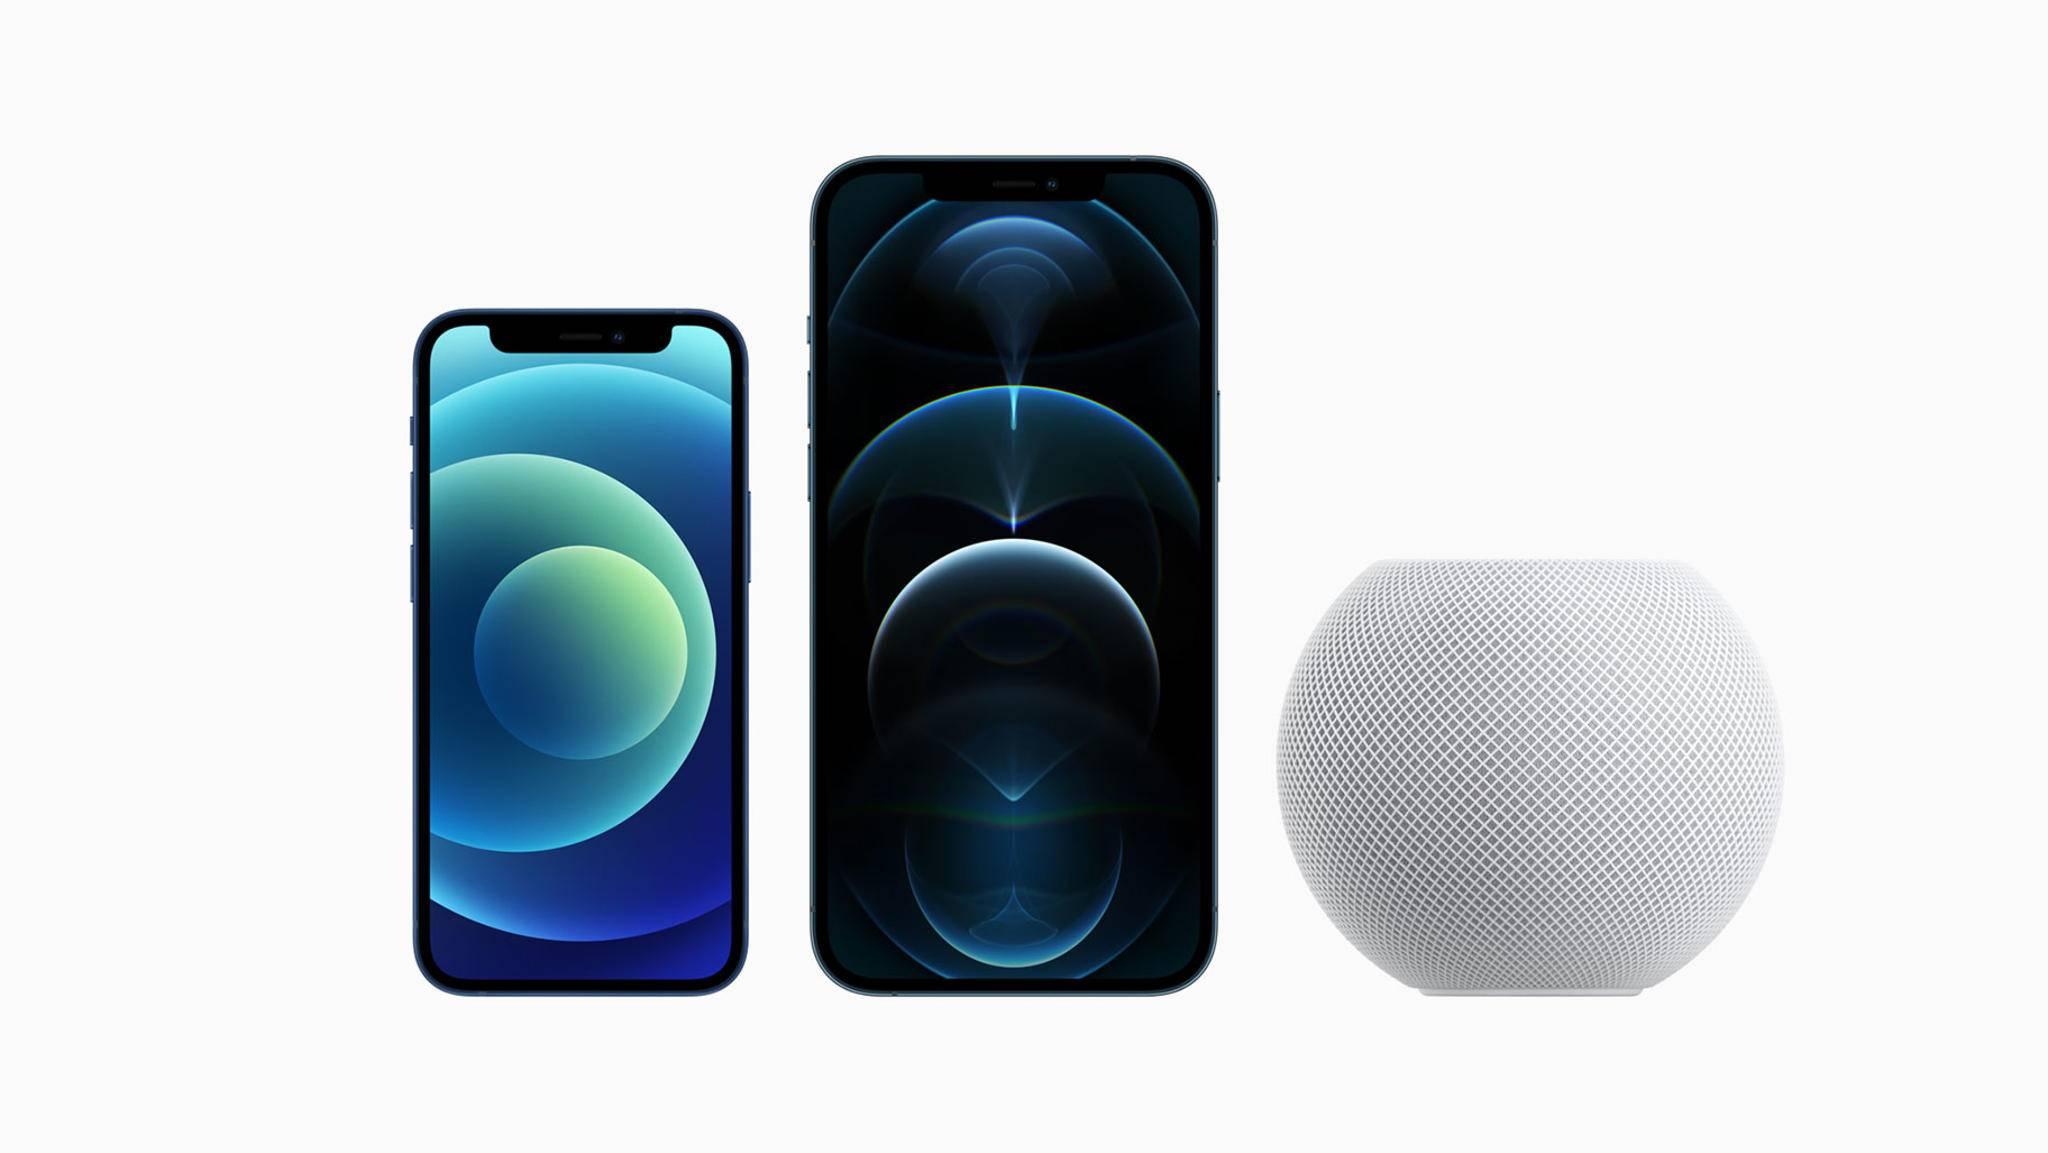 Das iPhone 12 mini und iPhone 12 Pro Max sind jetzt im Handel erhältlich – der HomePod min folgt am 16. November.